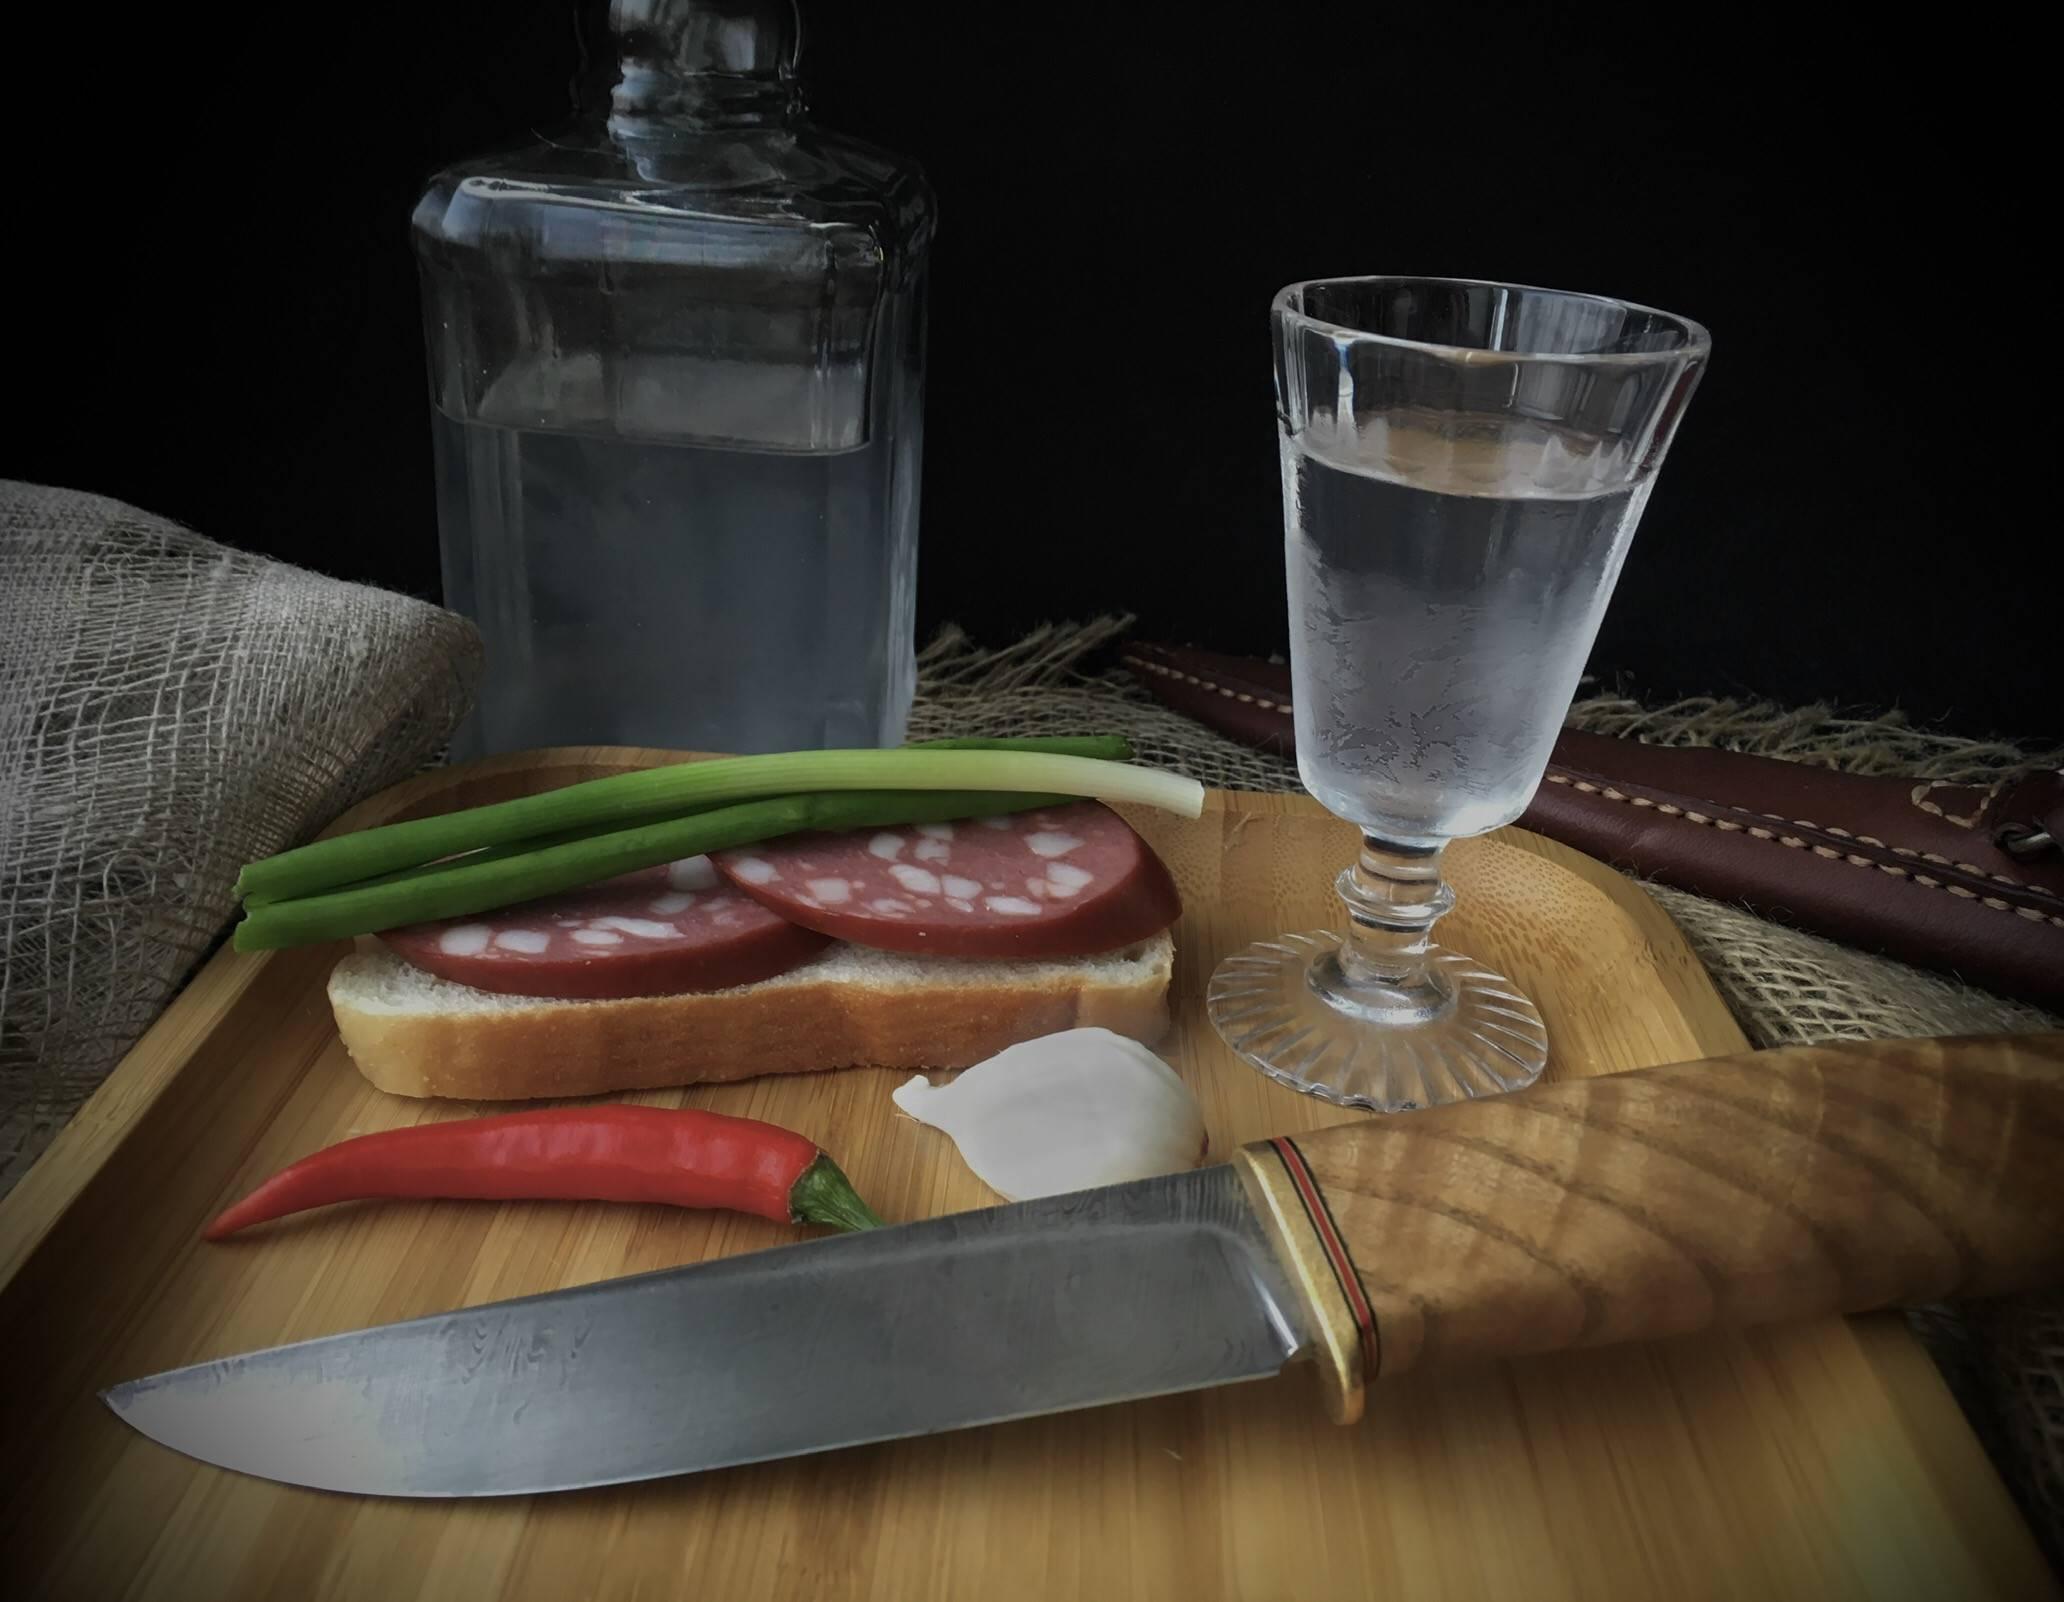 Правильные закуски к водке. чем можно закусывать водку или cекреты приятного застолья   про самогон и другие напитки ?   яндекс дзен